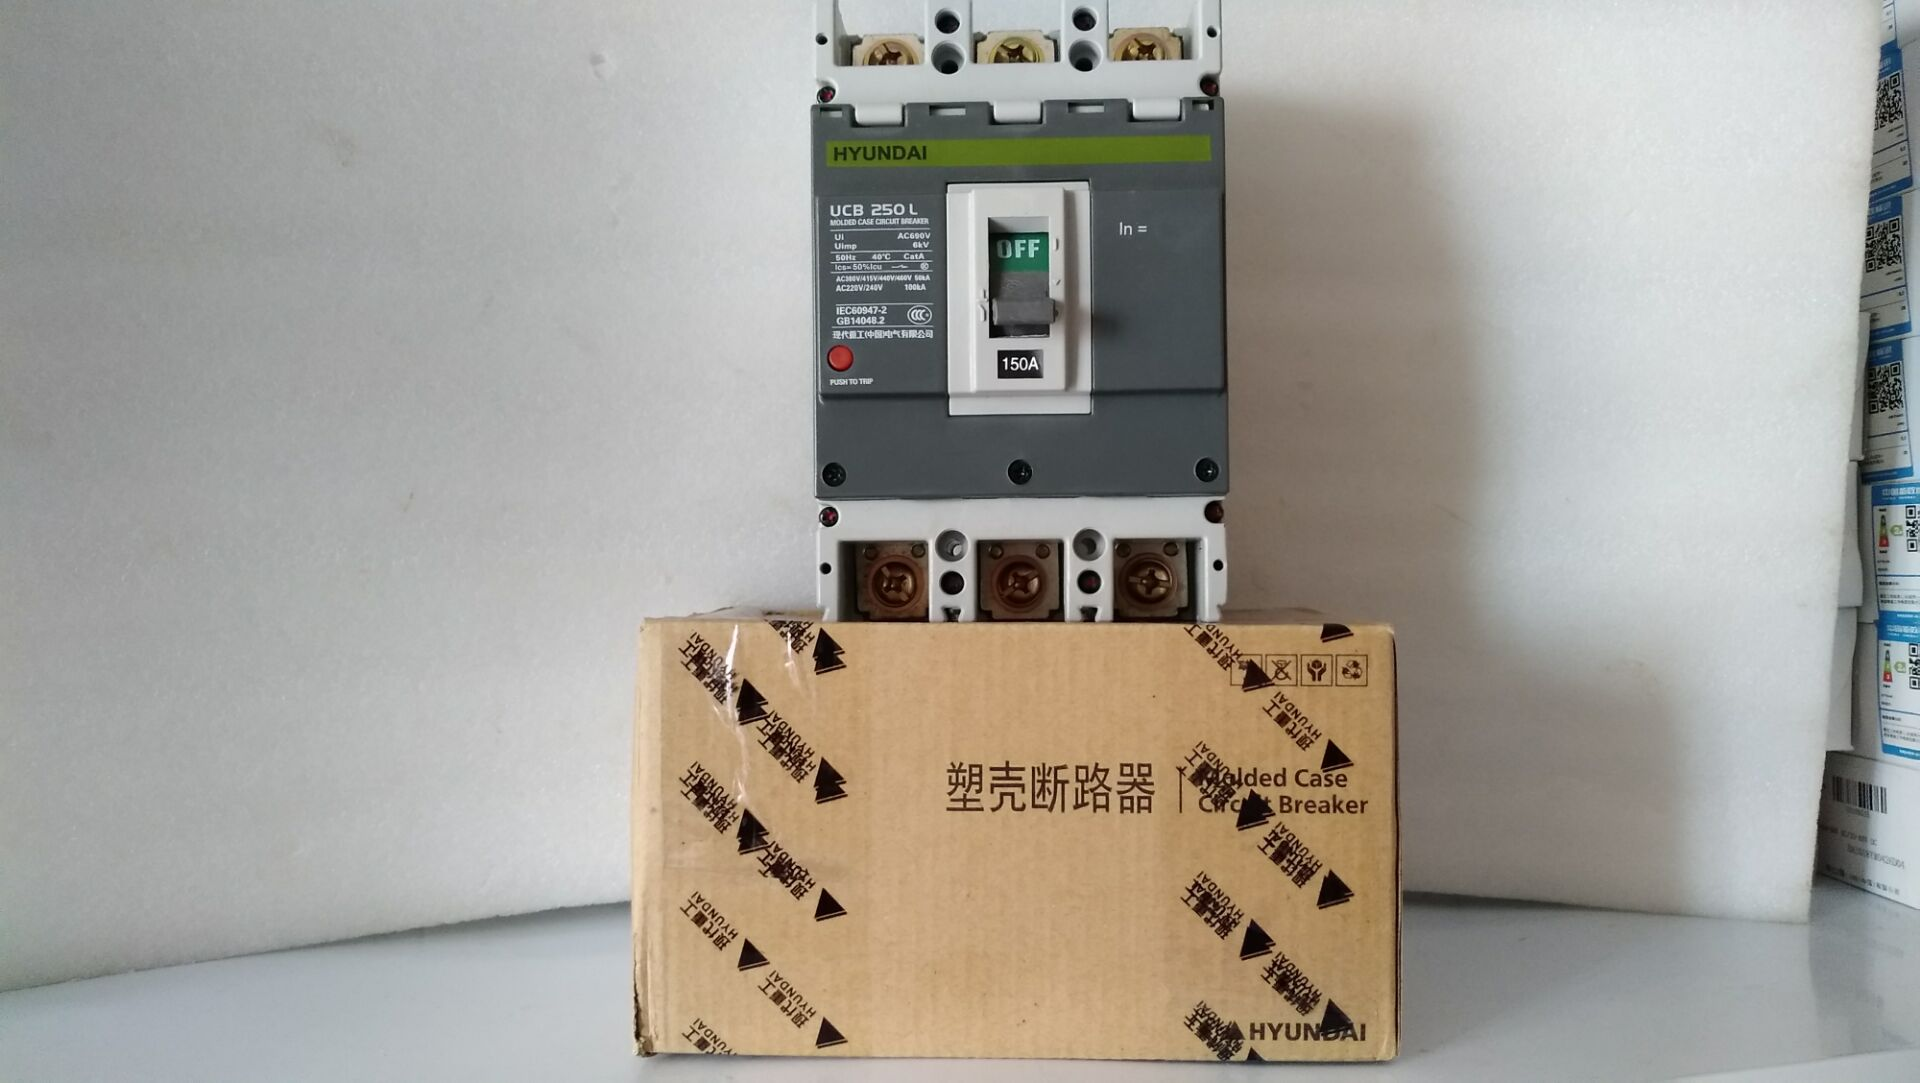 HYUNDAI moderne boîtier moulé disjoncteur UCB250H 3 phases 250A remplacer HiBH203 1 pièce